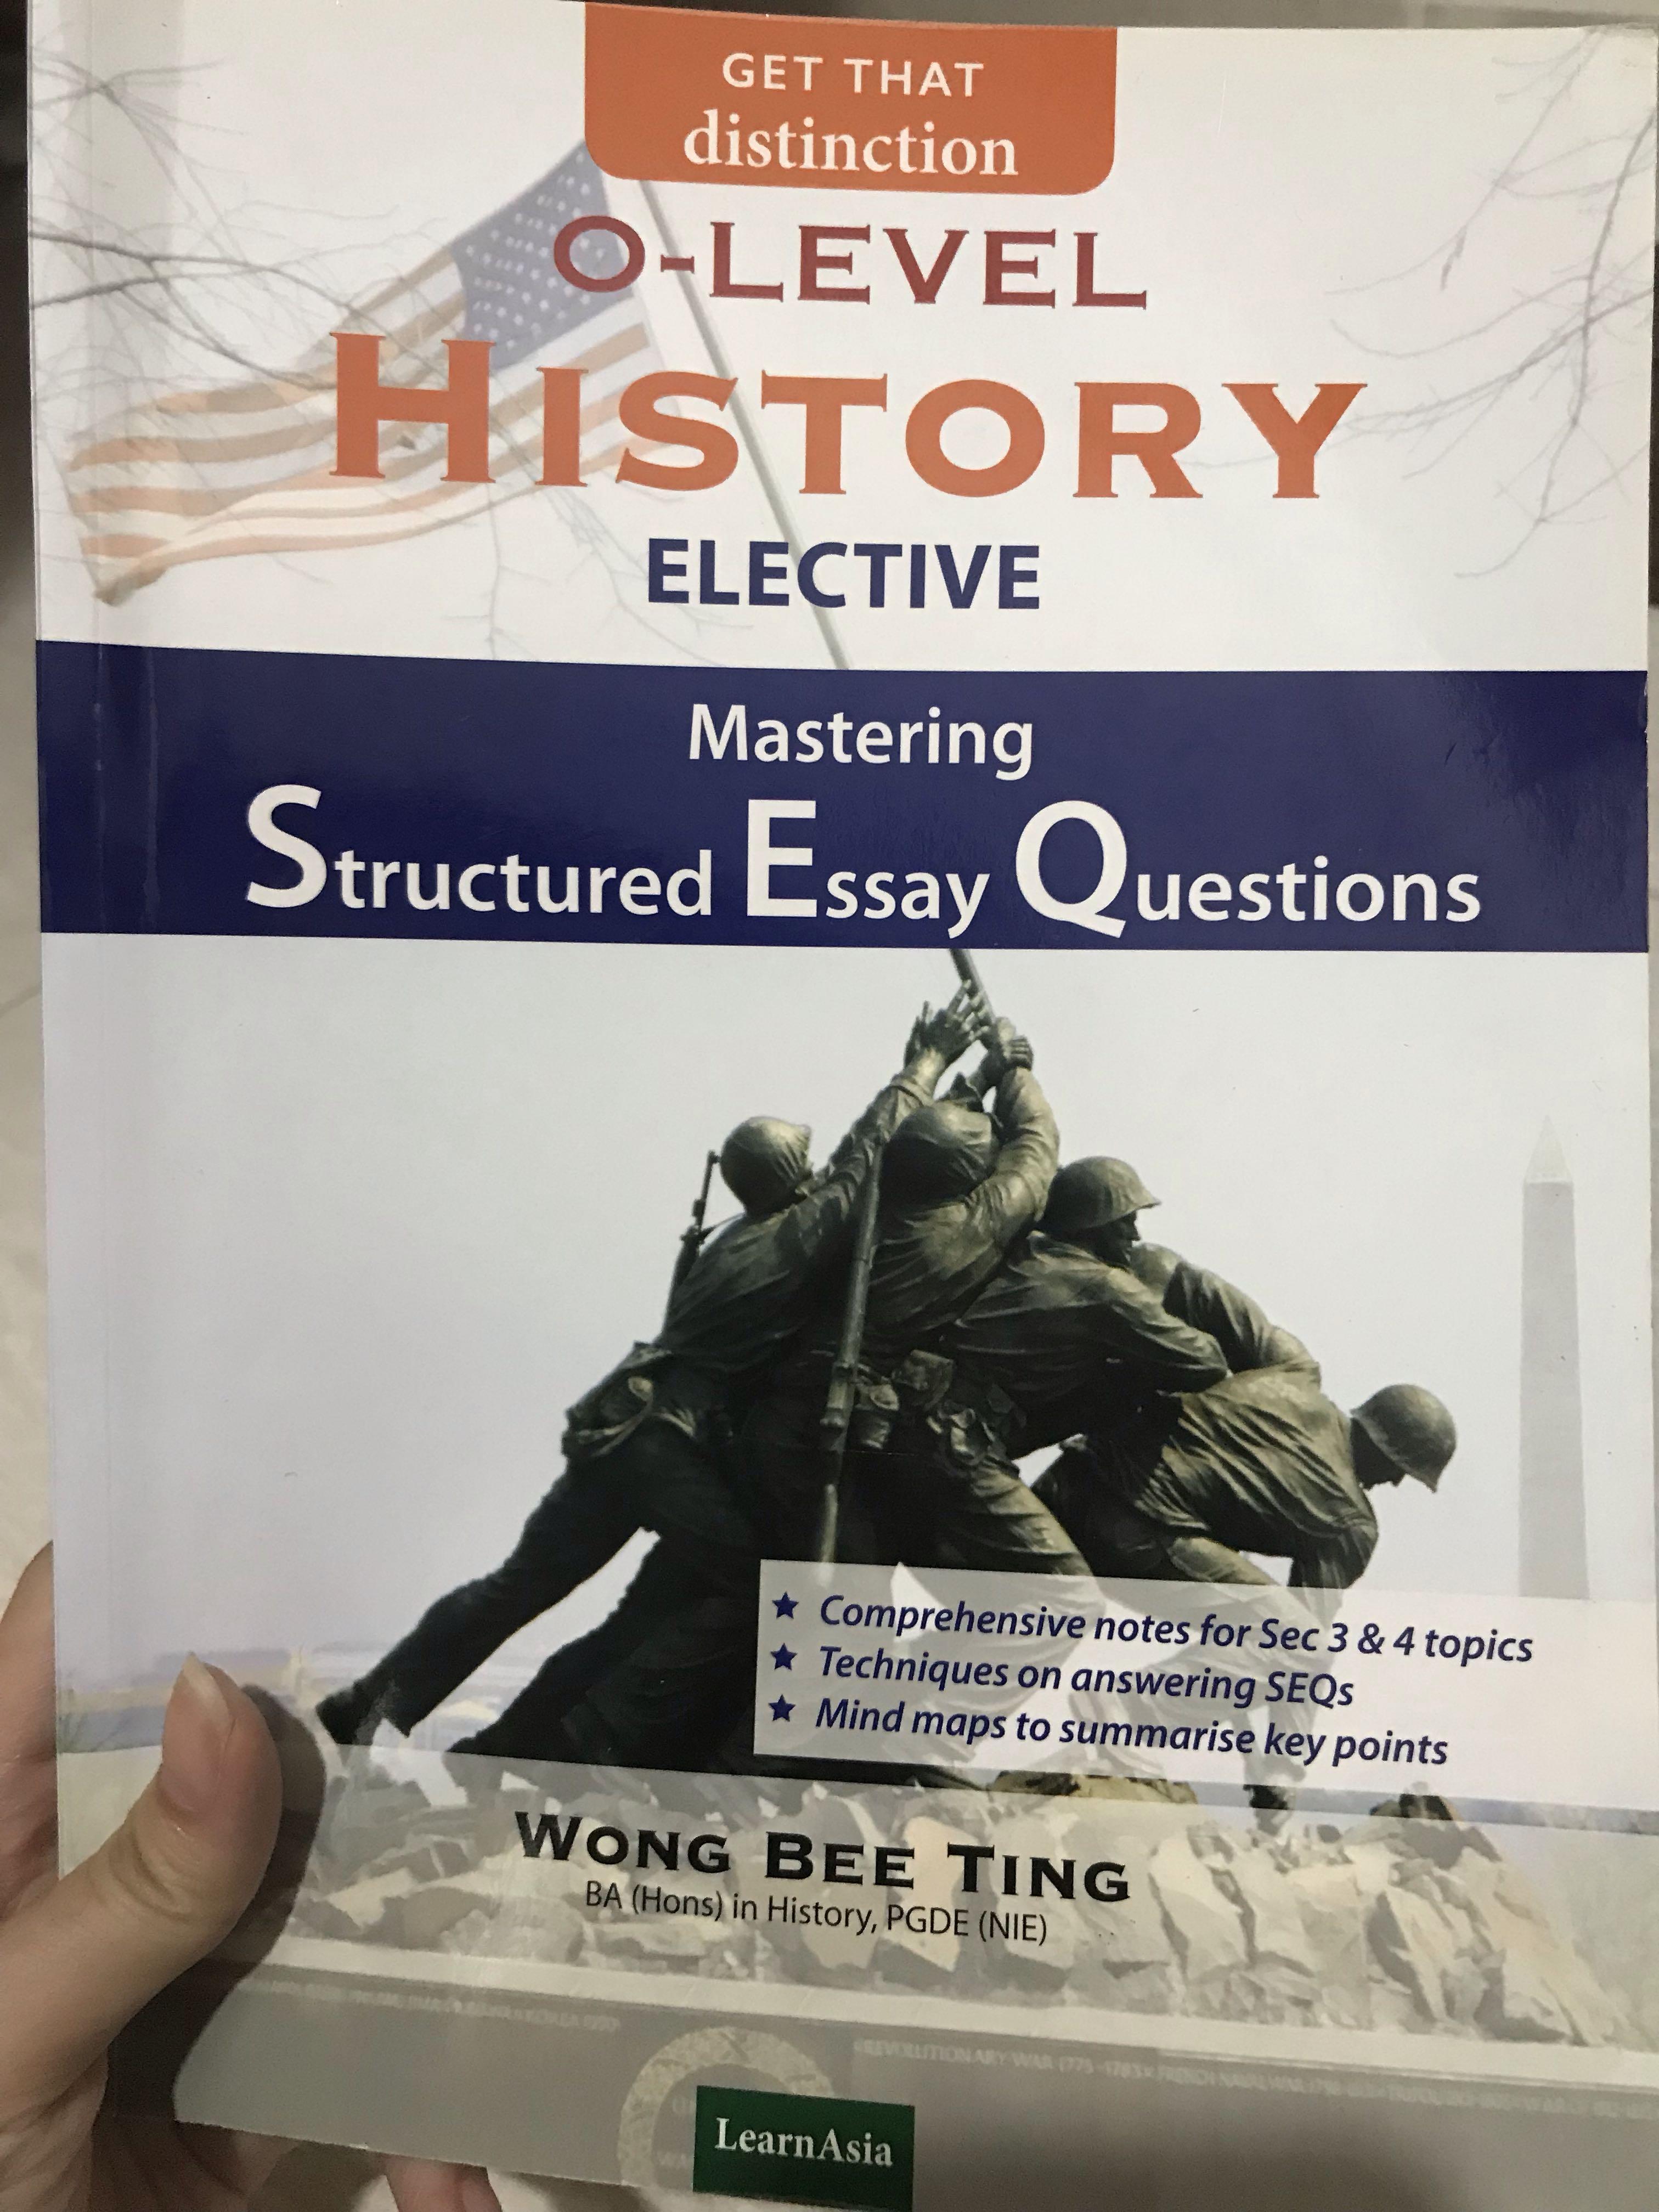 pgde essay questions